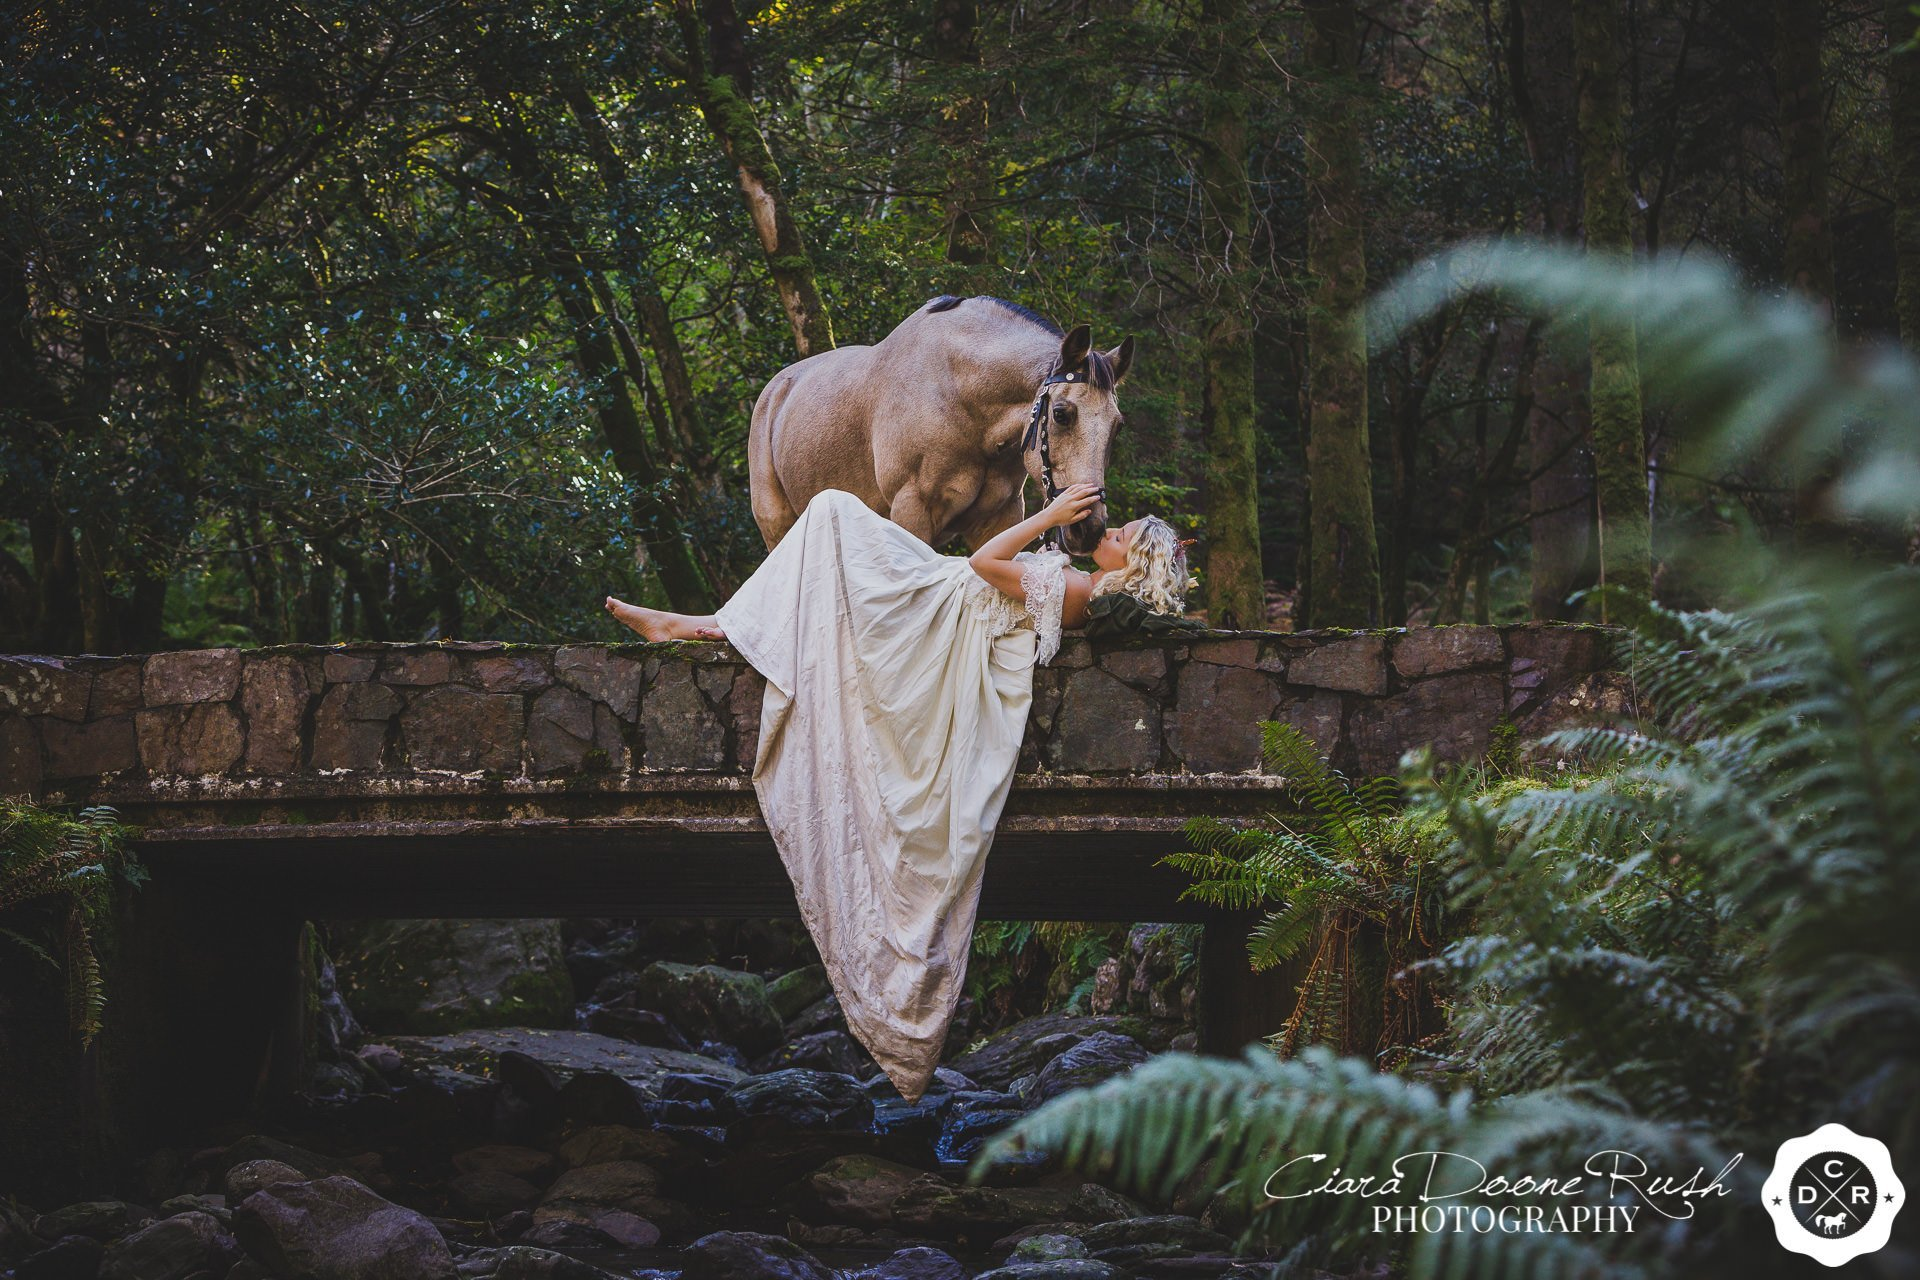 Chloe & Spirit // A Fairytale Photo Shoot